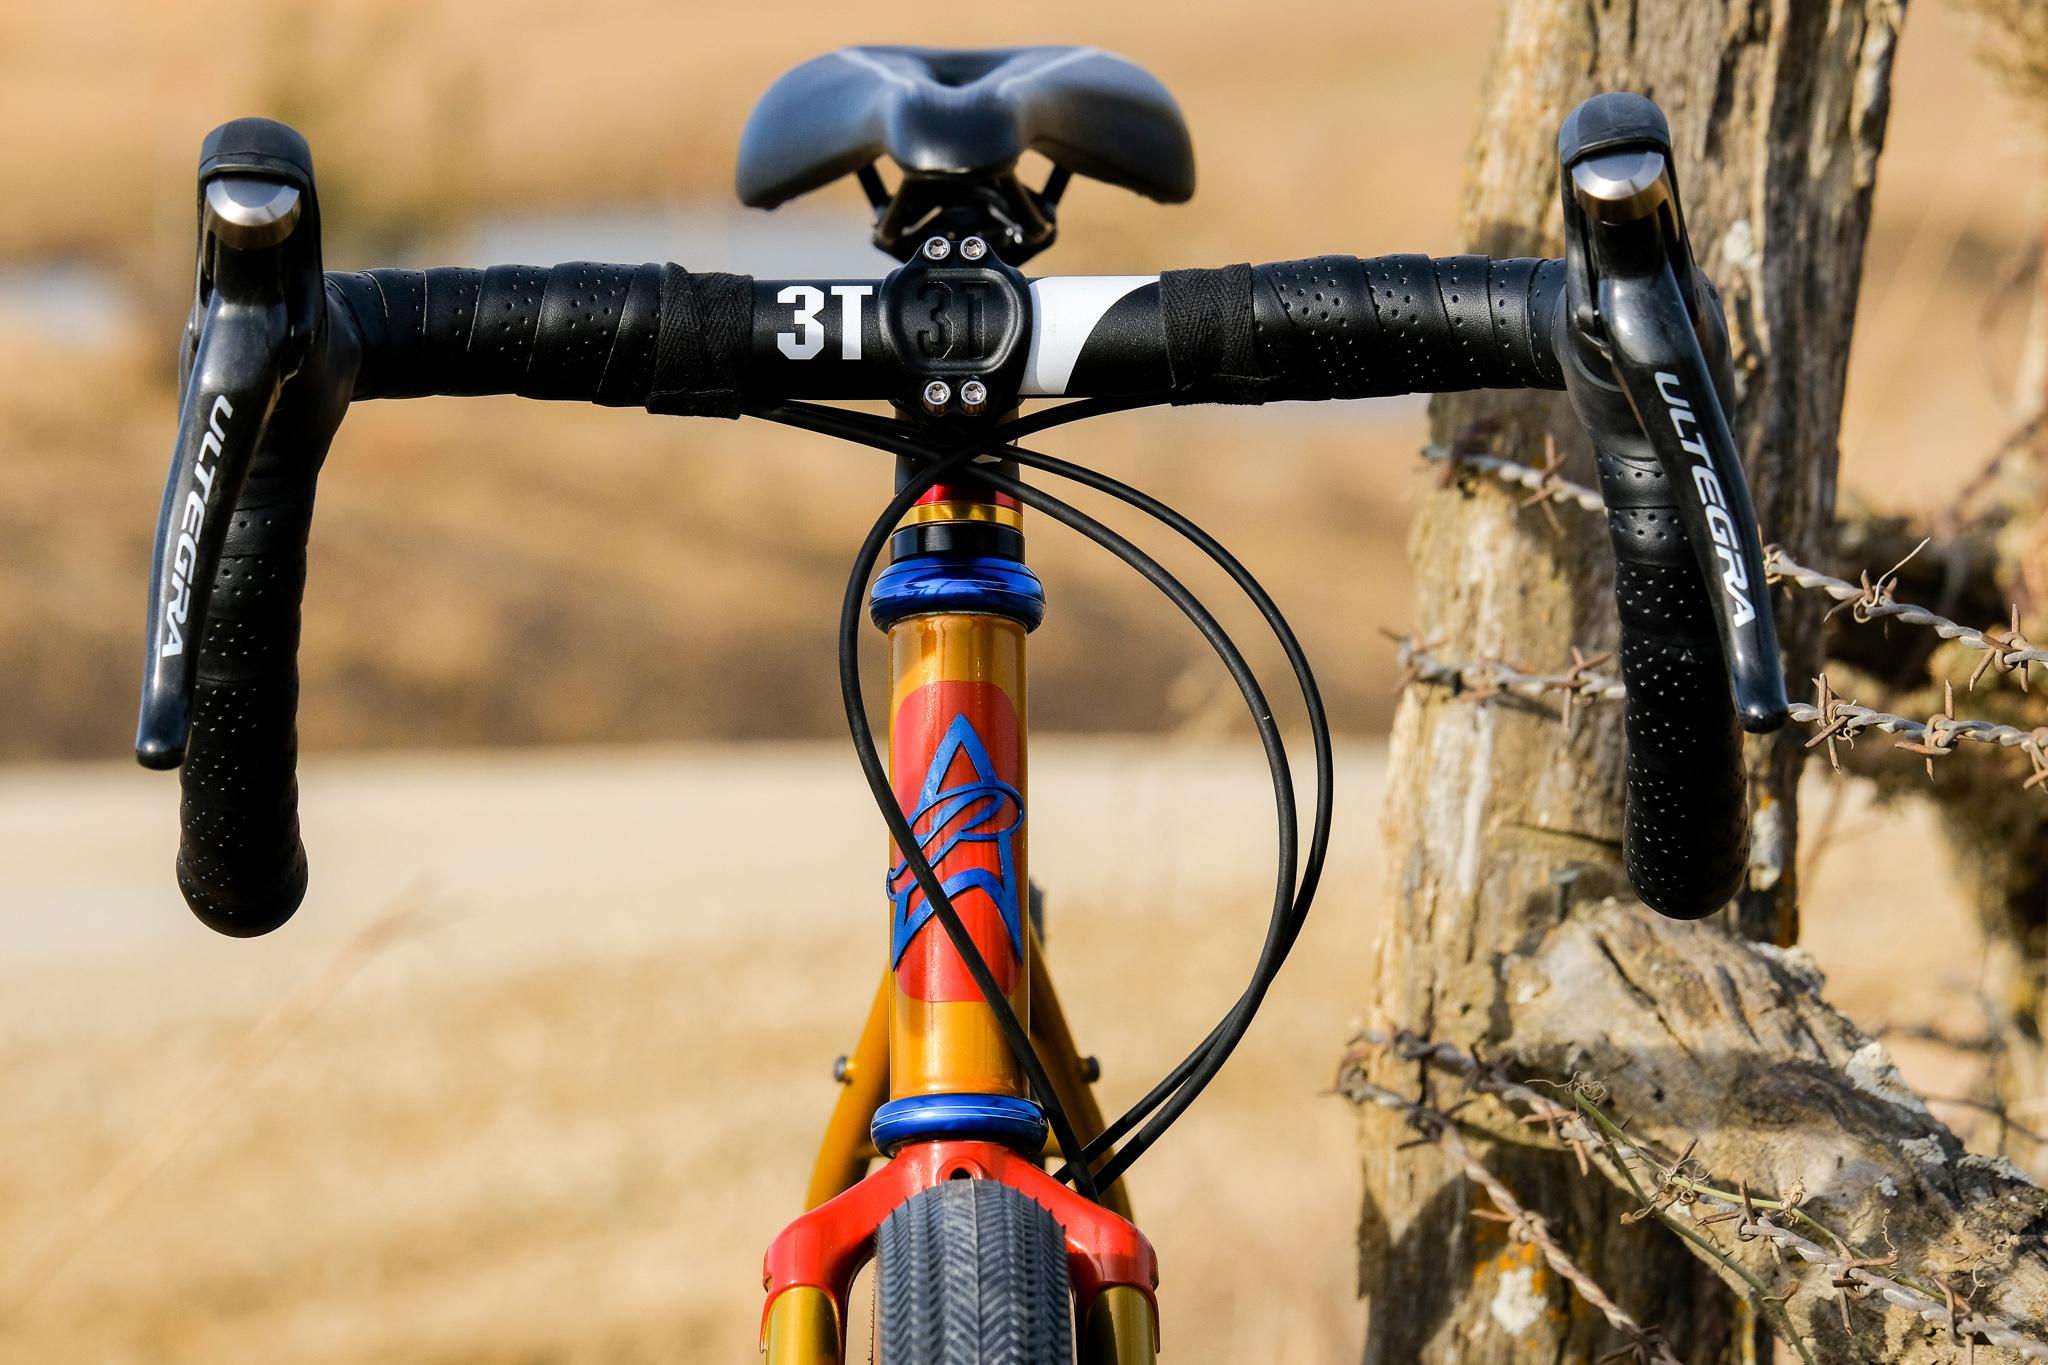 2018-02-18 Beth Morford Pedalino Bike Fuji Jpeg-122.jpg